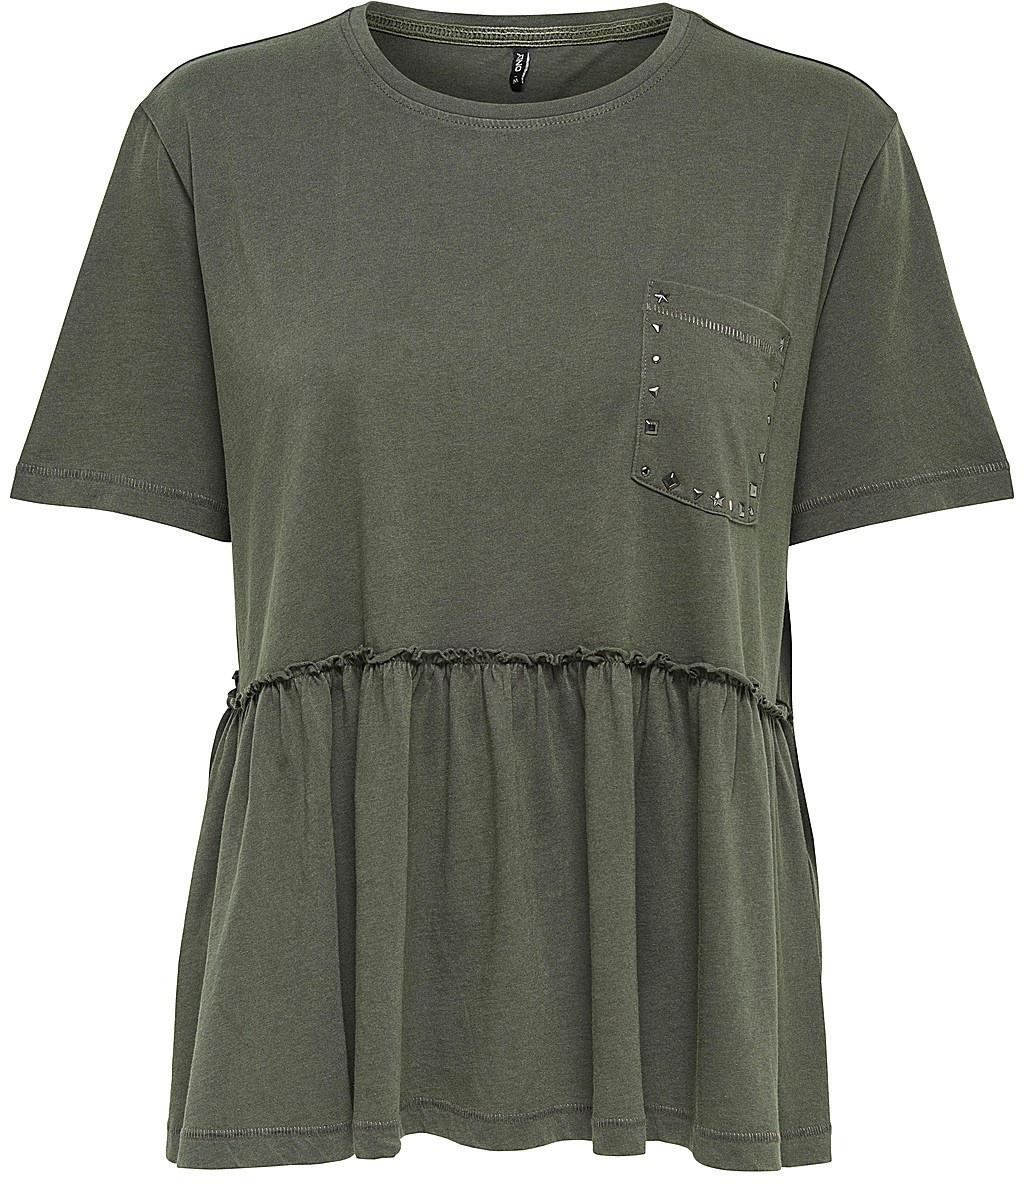 Футболка женская Only, цвет: серый. 15151015_Beluga. Размер XS (40) футболка женская only цвет черный 15153555 размер m 44